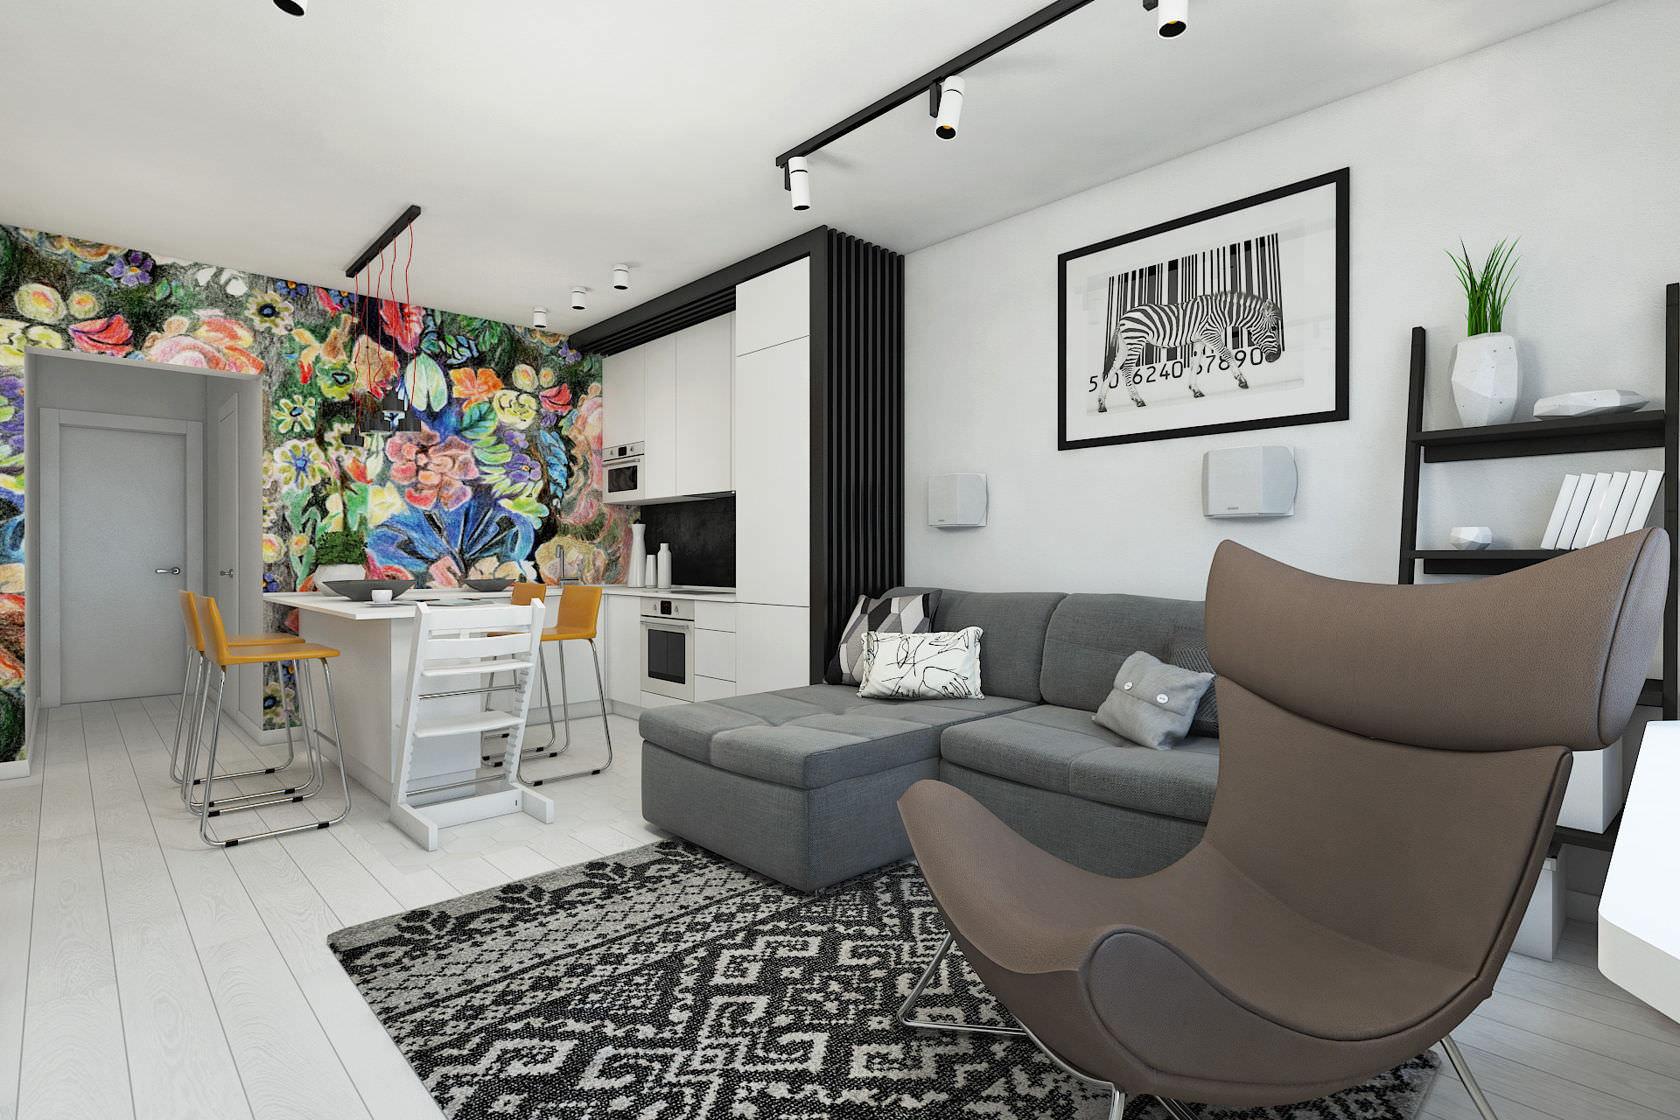 sazdavane-na-dinamichen-i-vedar-interior-v-dvustaen-apartament-60-m-2g